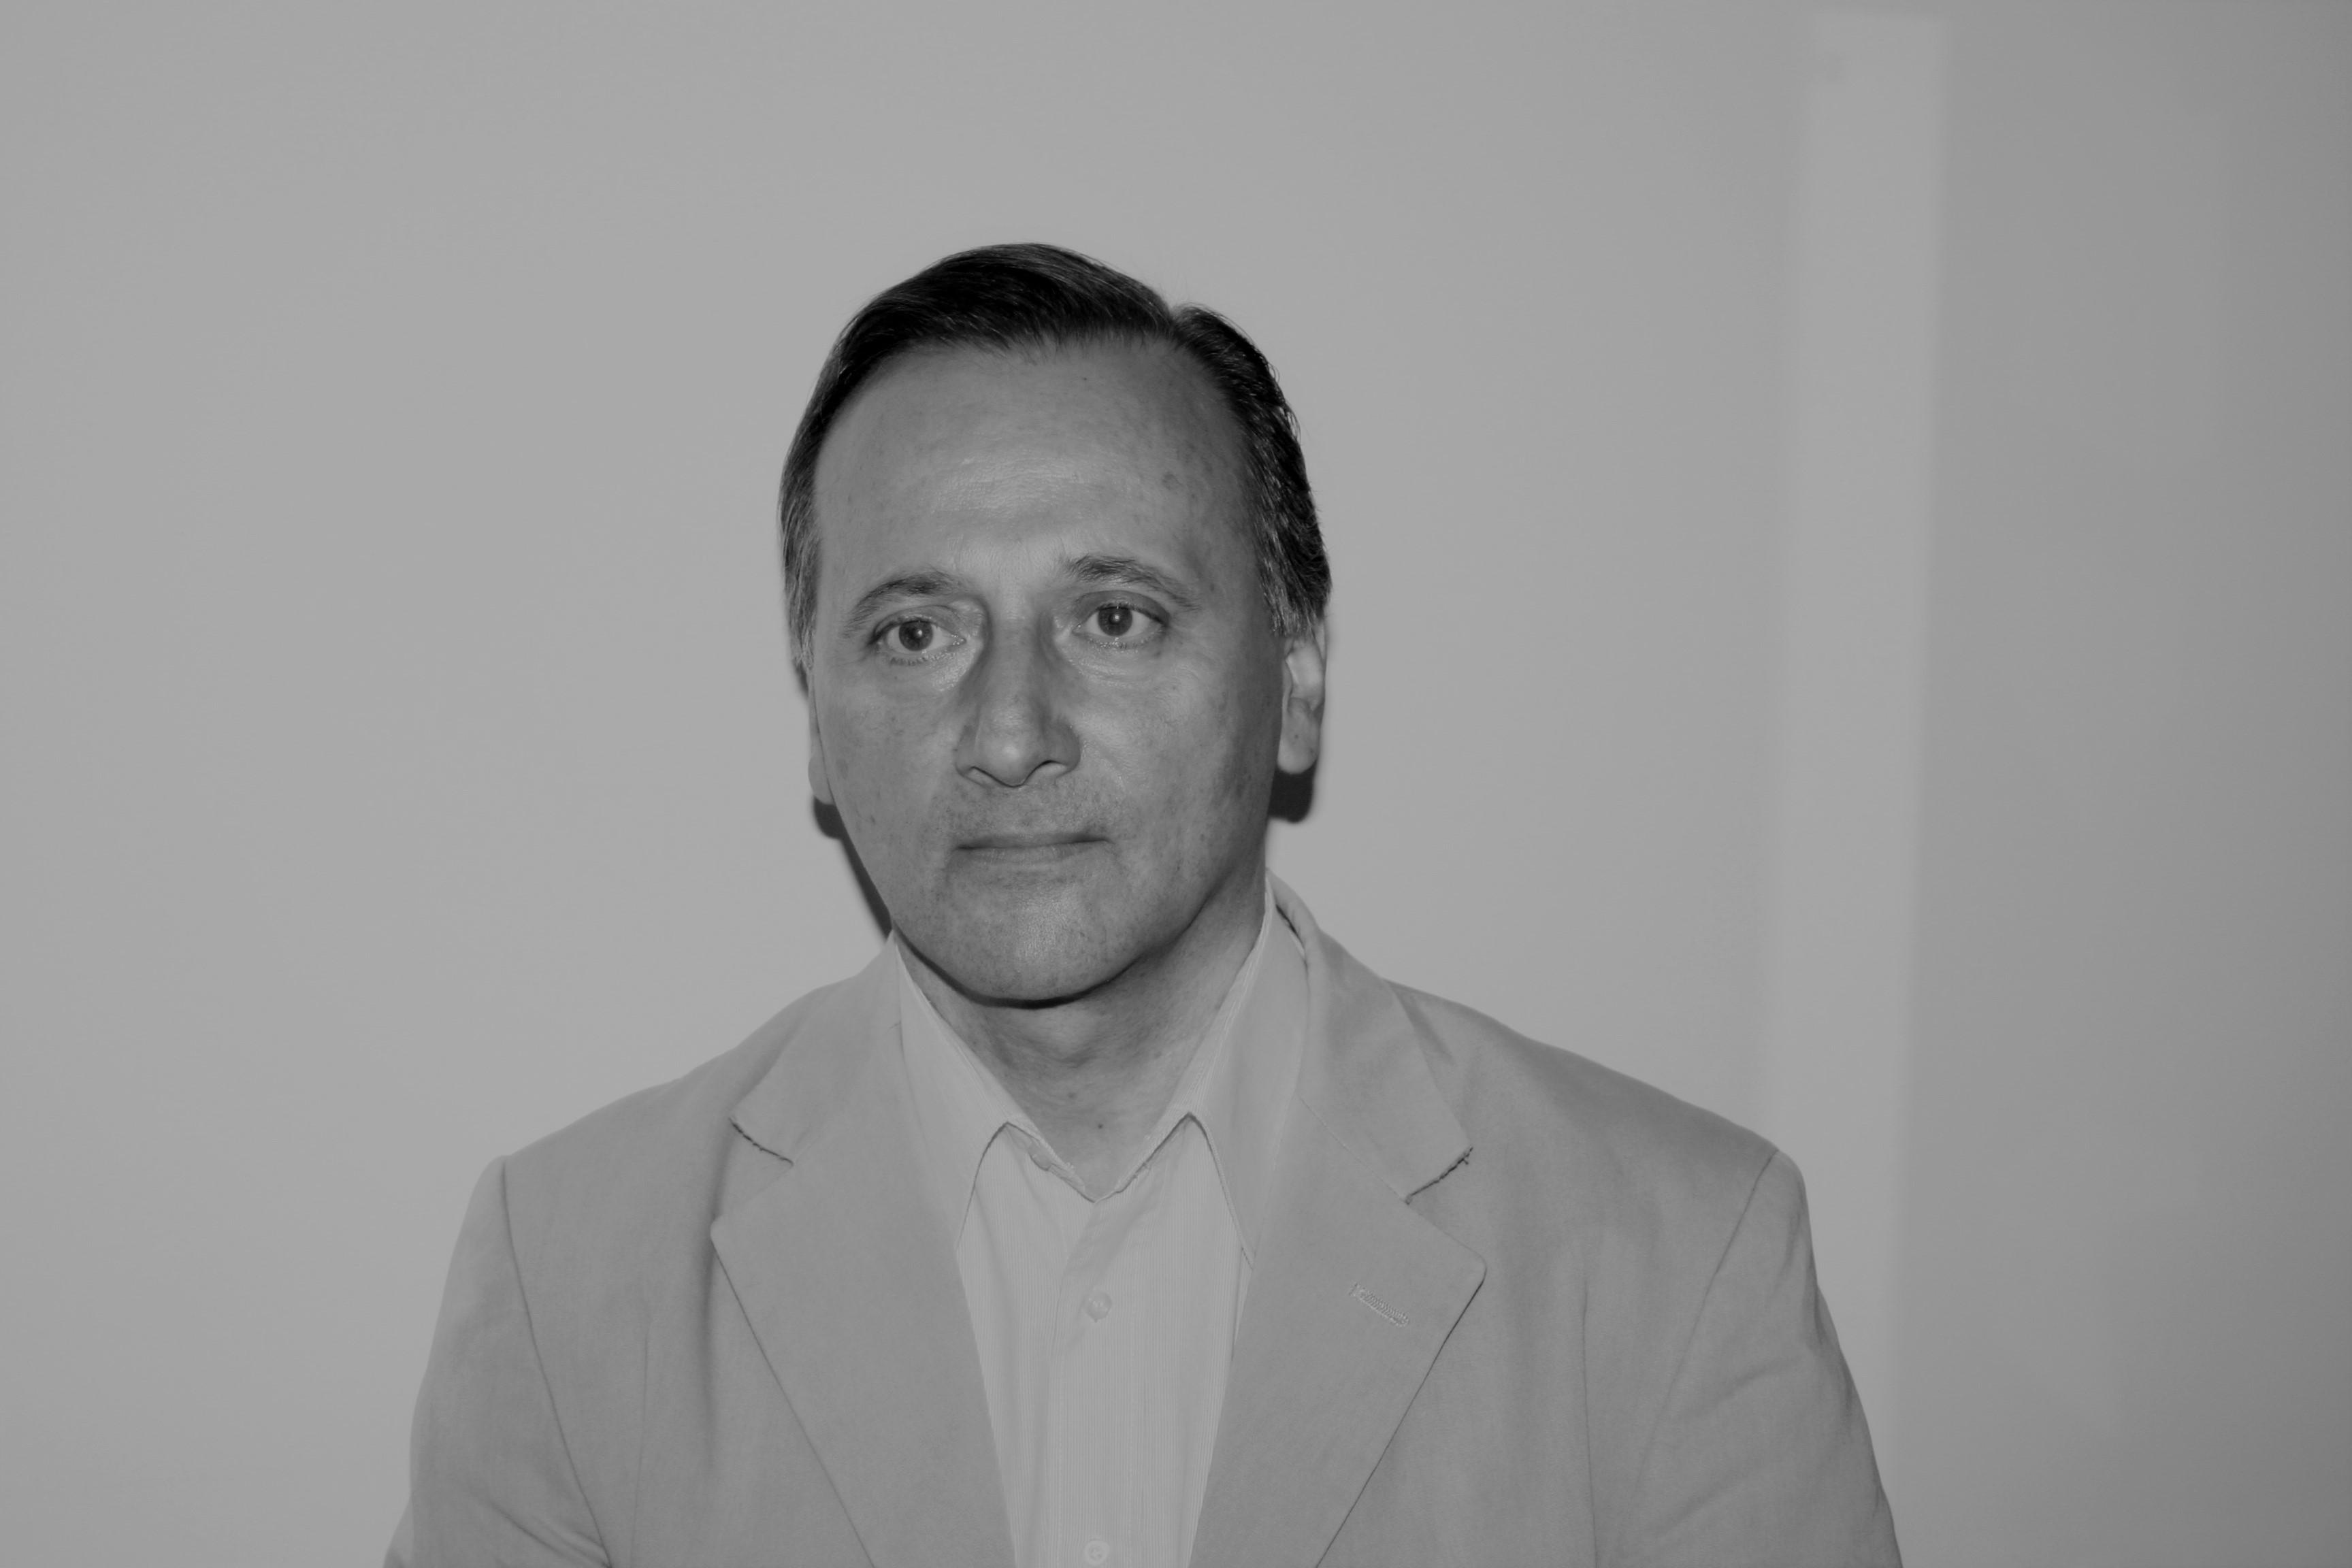 https://www.sfide-lascuoladitutti.it/wp-content/uploads/2018/01/Vinivio-Ongini.jpg